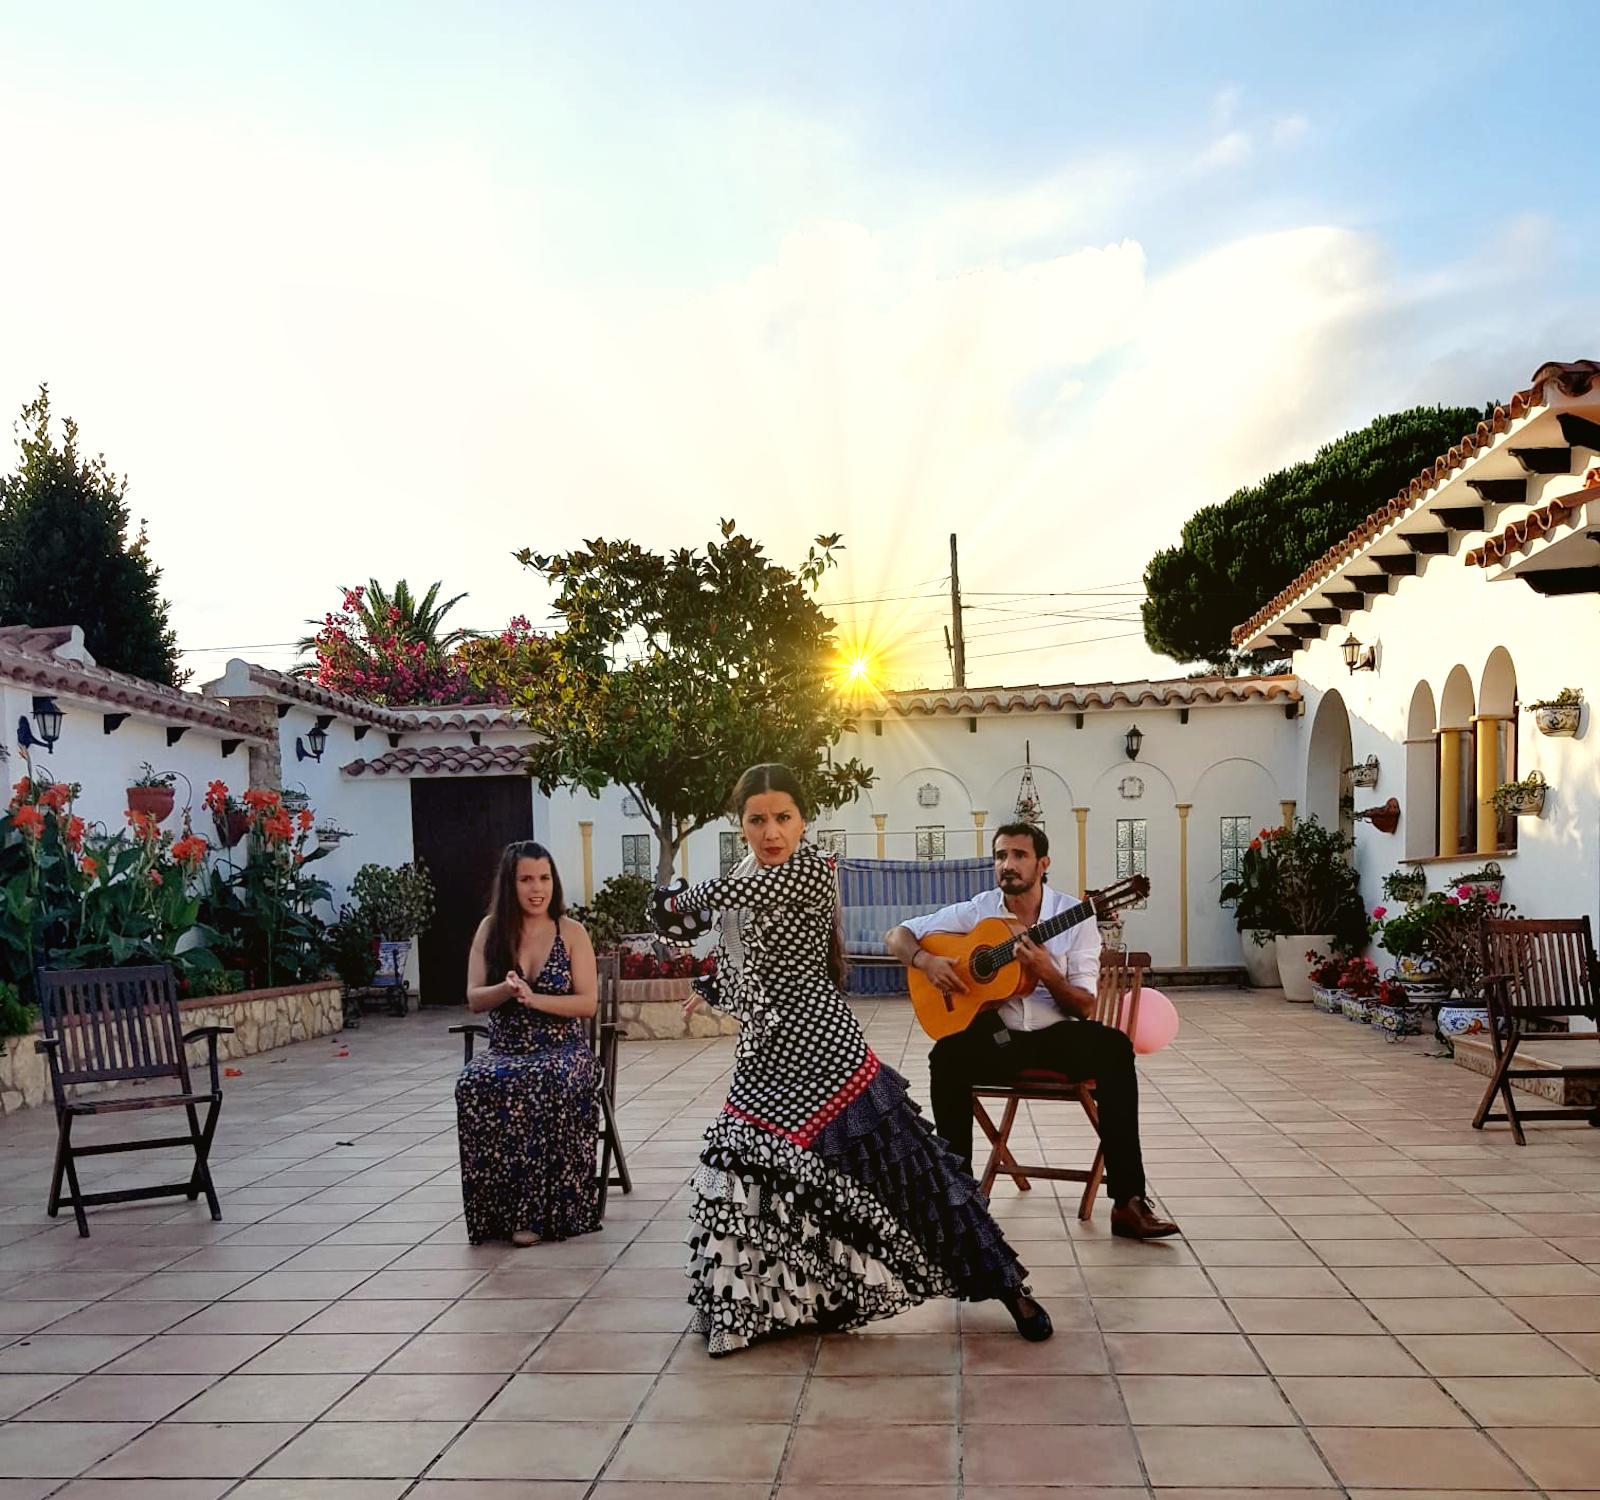 Reservar y contratar espectáculo privado de flamenco